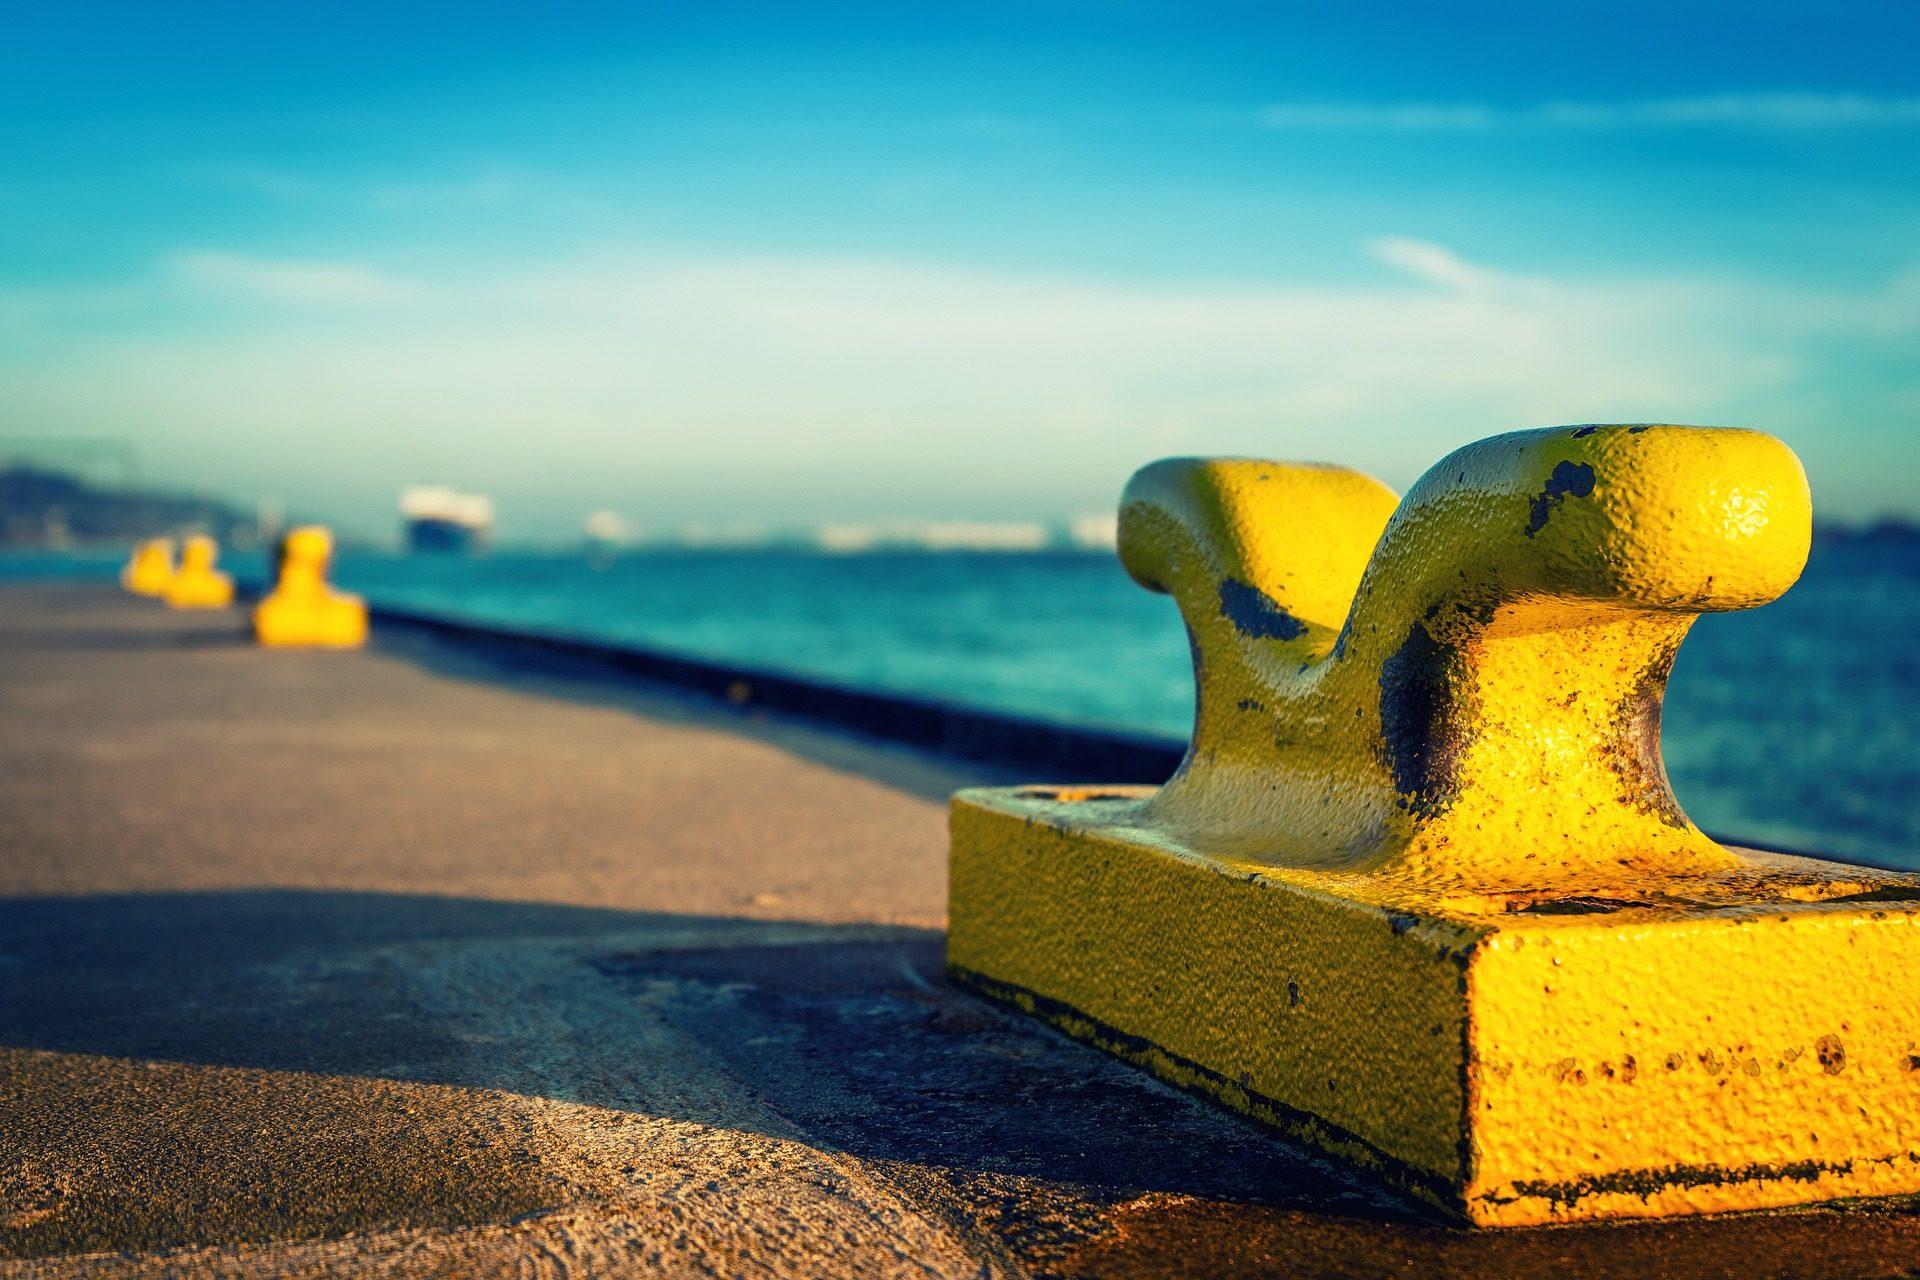 पोर्ट, amarre, सागर, elba, hamburgo - HD वॉलपेपर - प्रोफेसर-falken.com